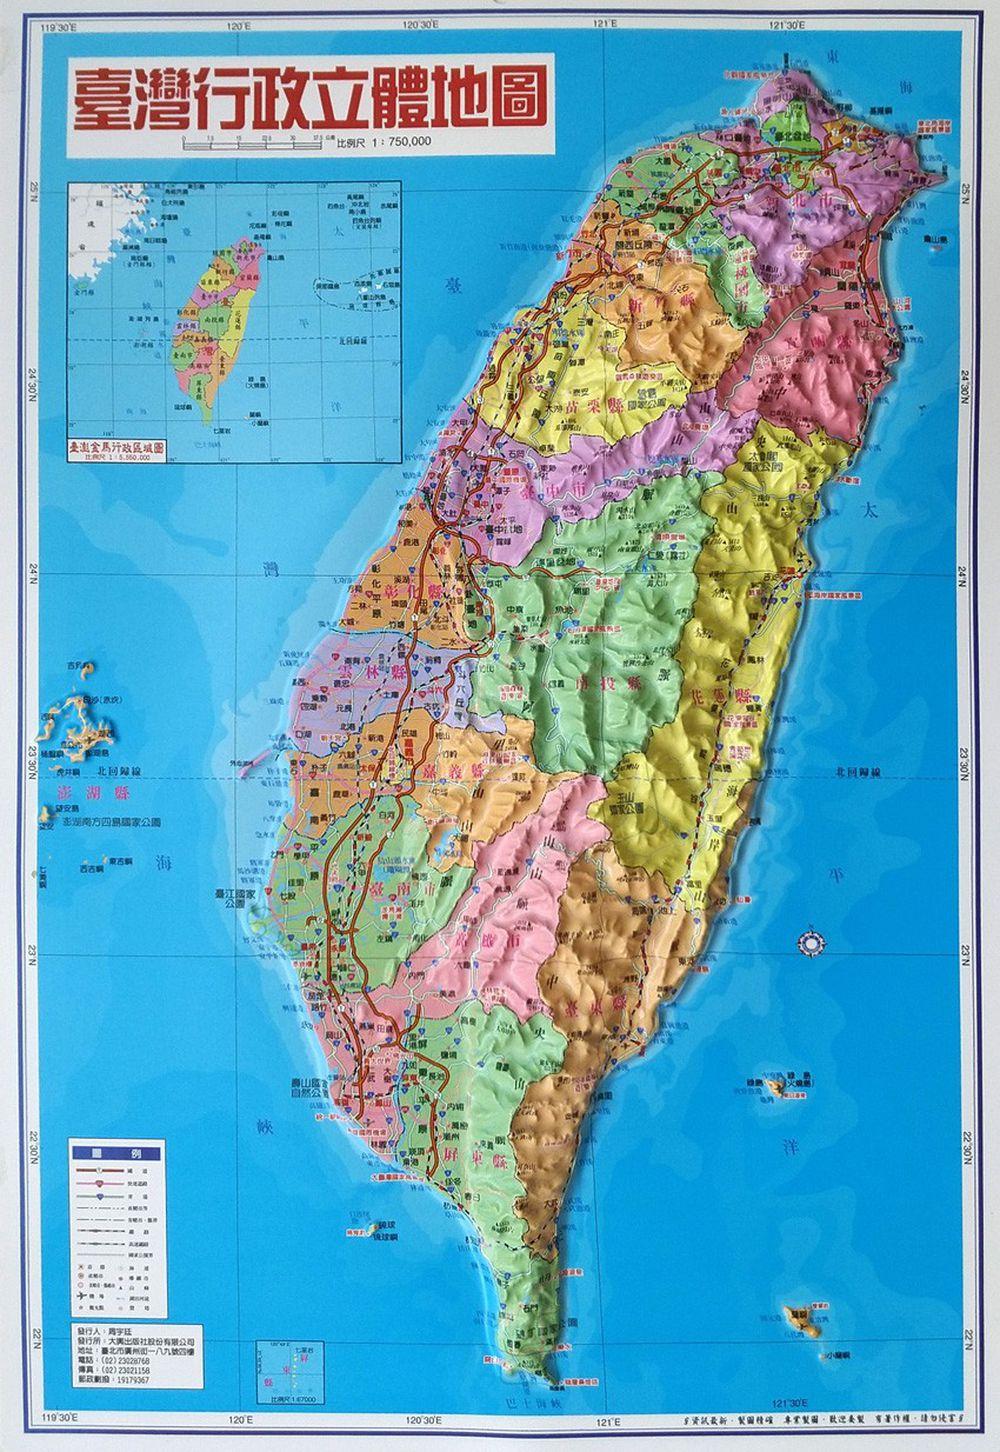 台灣行政立體地圖-立體圖 (54.5 x 39.3 cm)